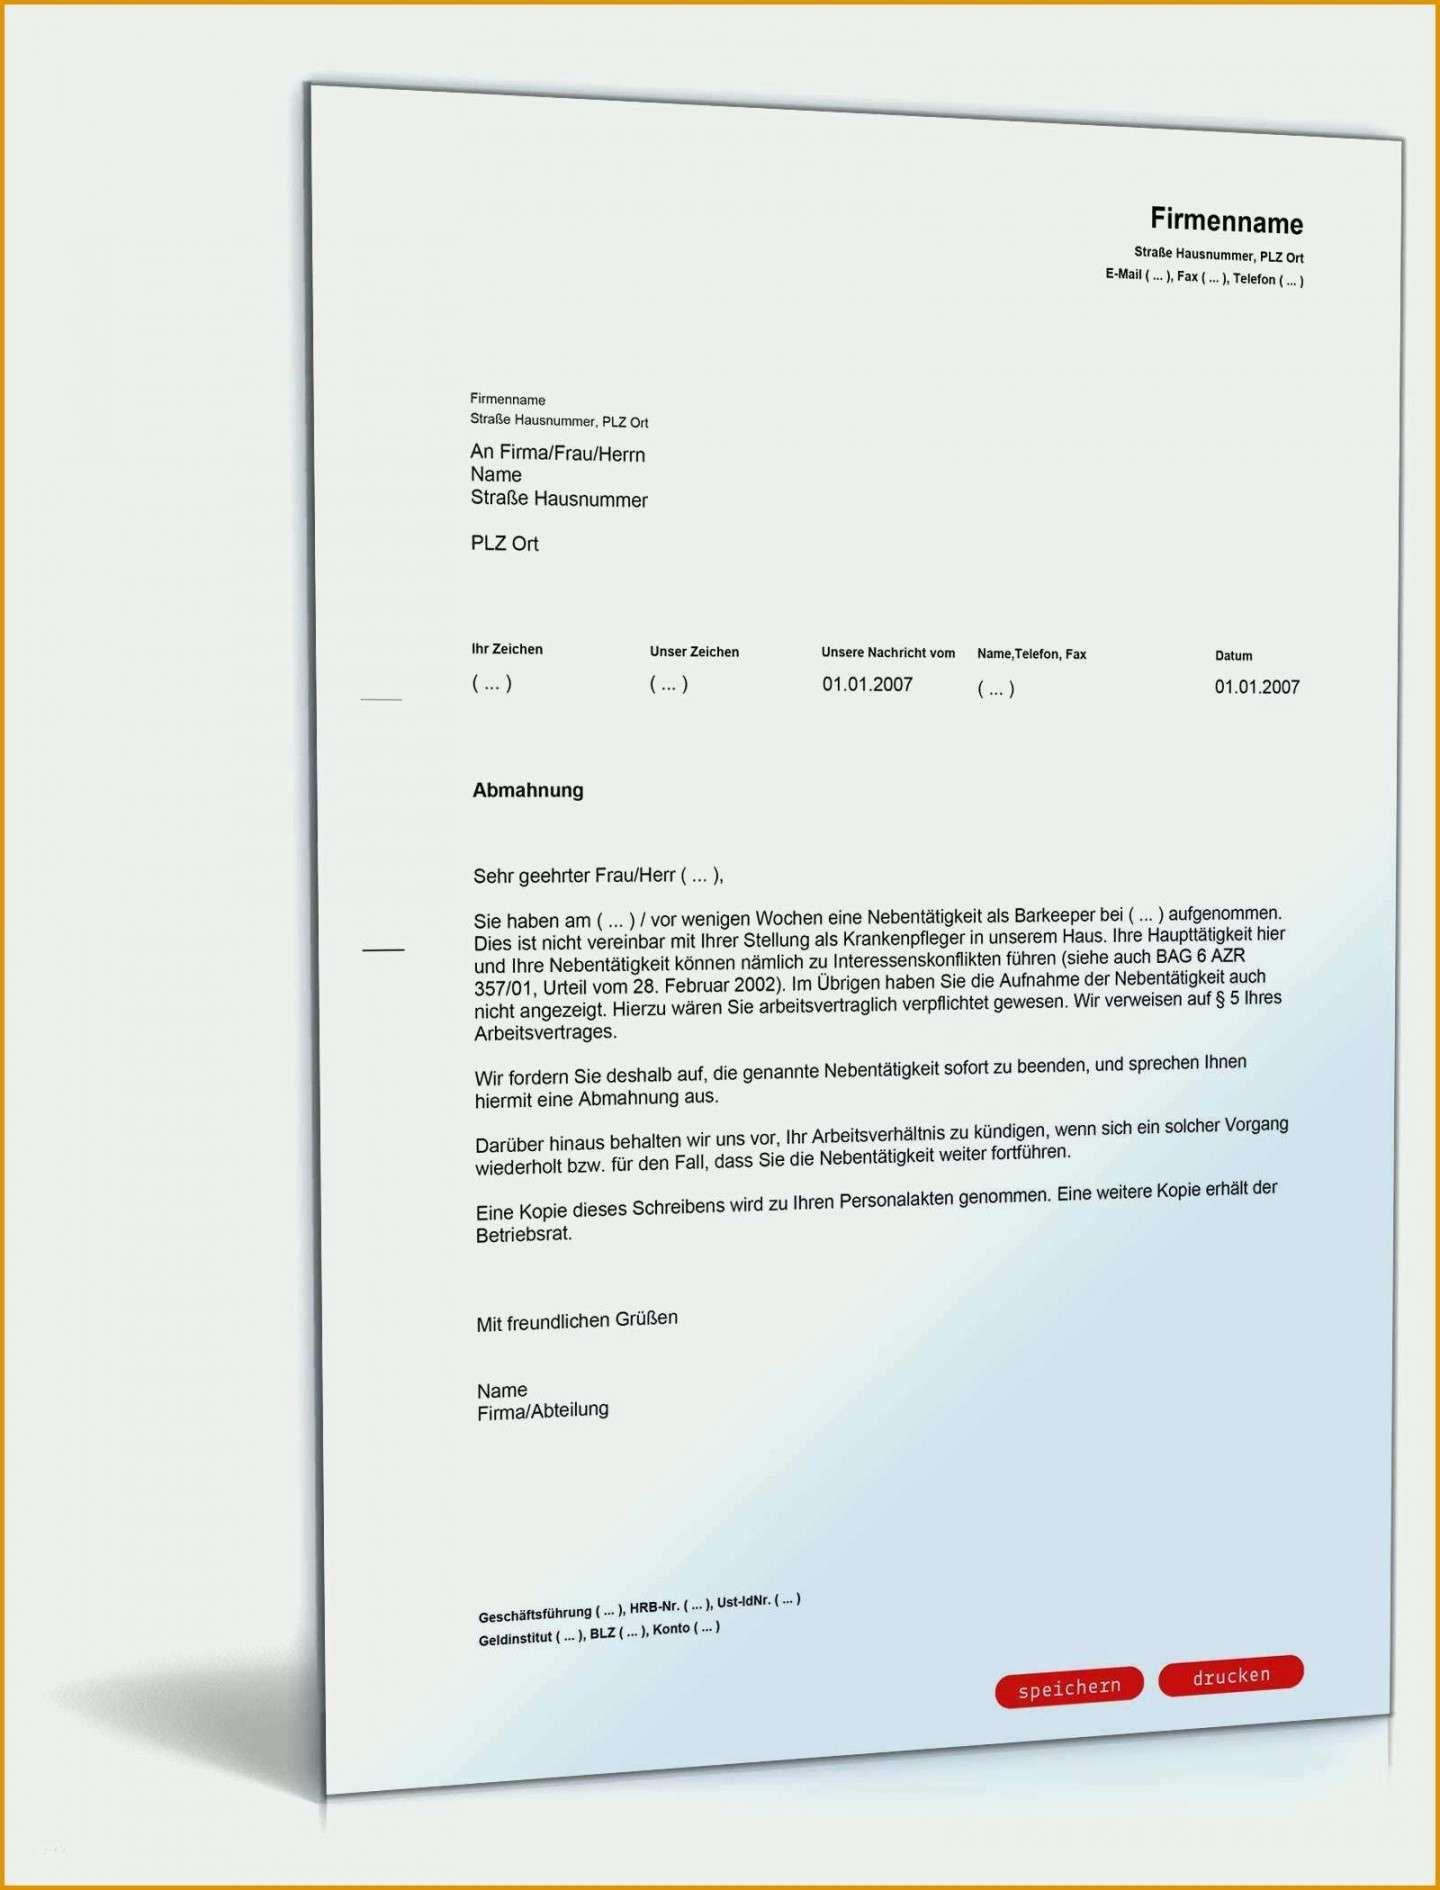 Unterhaltsam Krank Melden Beim Arbeitgeber Vorlage Krank Gemeldet Krank Vorlagen